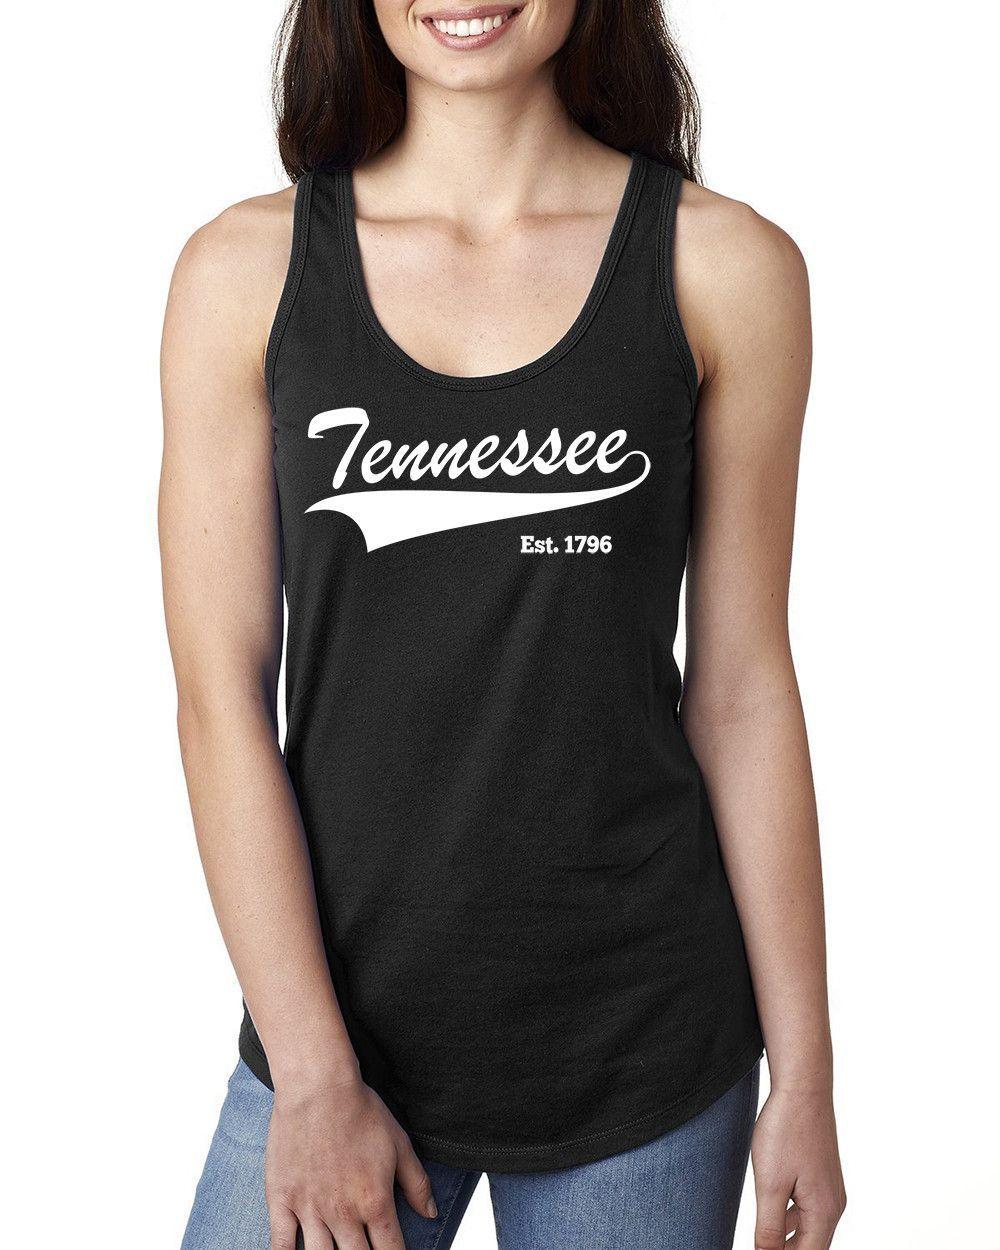 Tennessee Ladies Racerback Tank Top #Tennesseestate #Tennessee #state #home #Tennesseetanktop